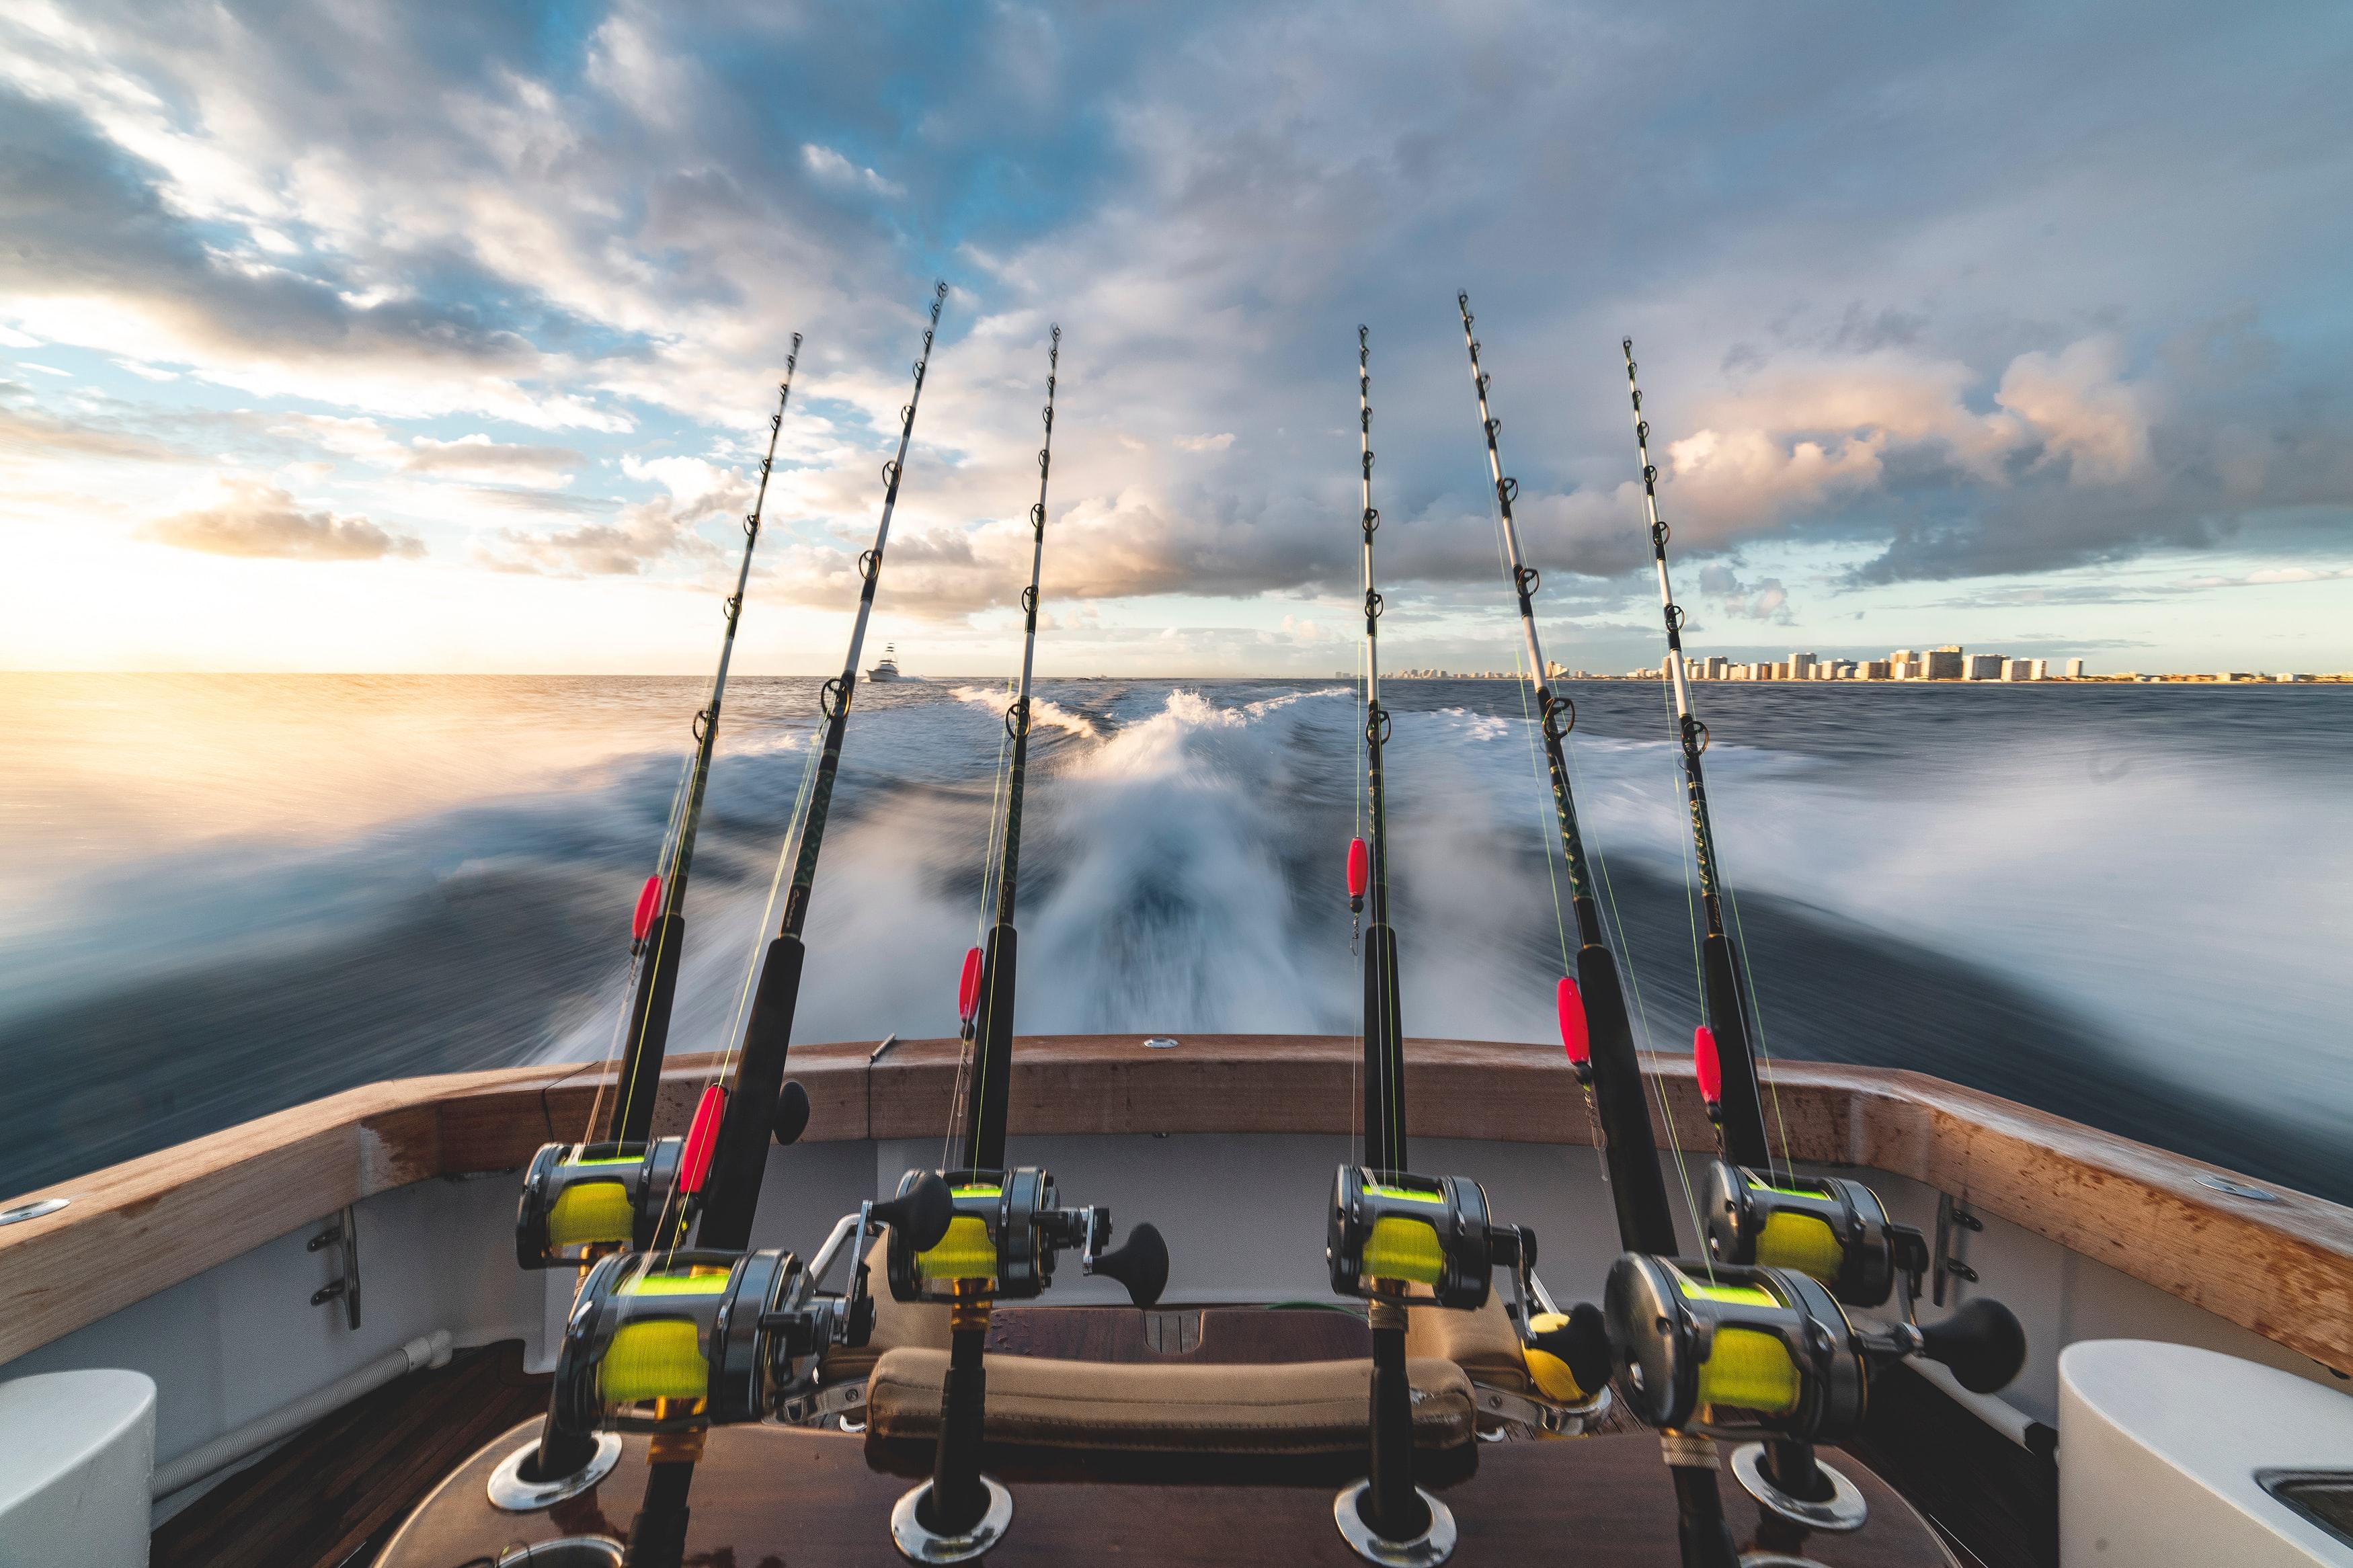 海上釣り堀オーパはフィッシャーから大人気!釣果や口コミ・仕掛けもチェック!